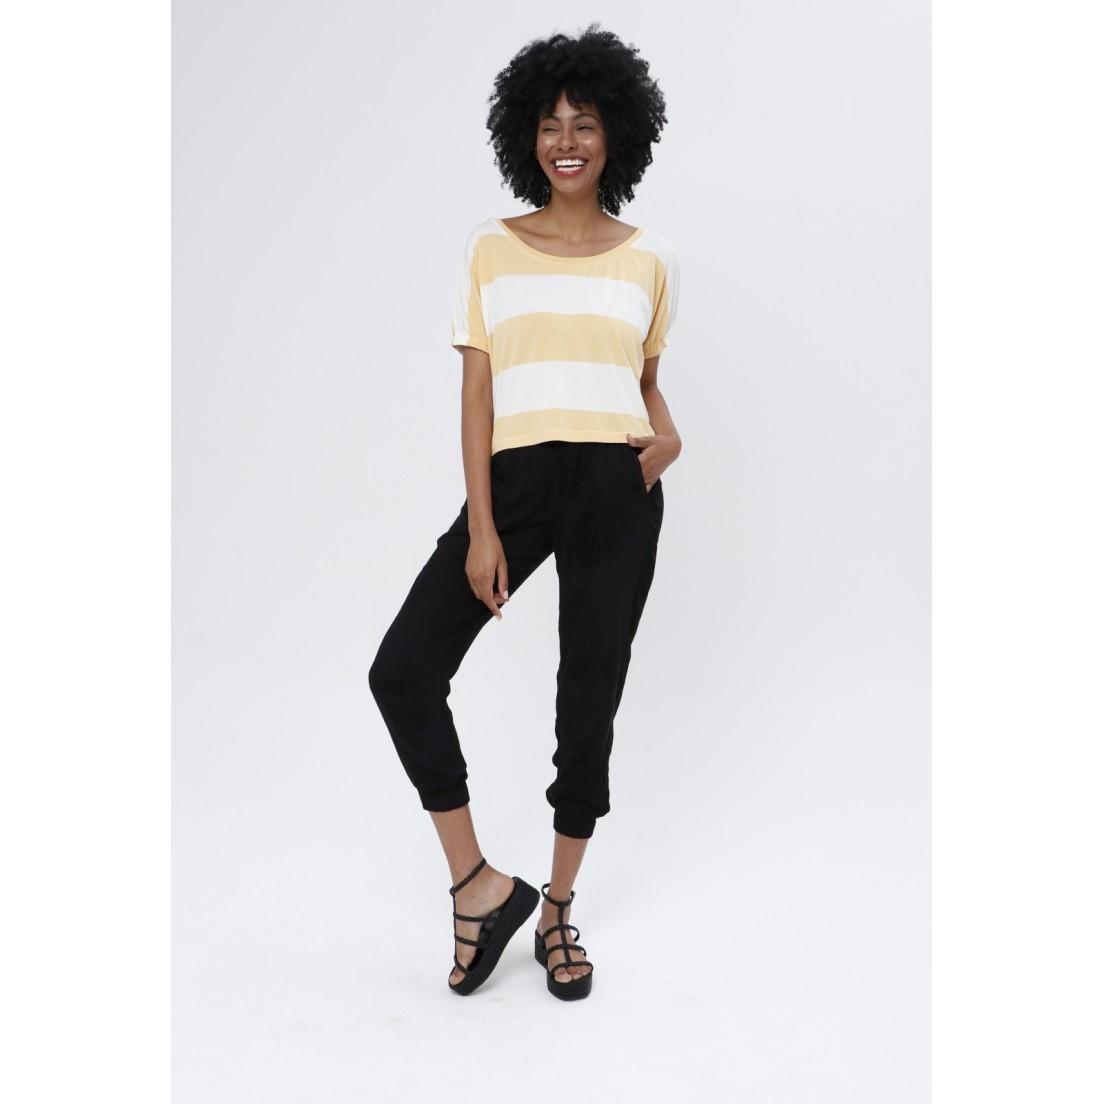 T-Shirt Tribeca Listra Off e Amarelo  - Metro & Co.